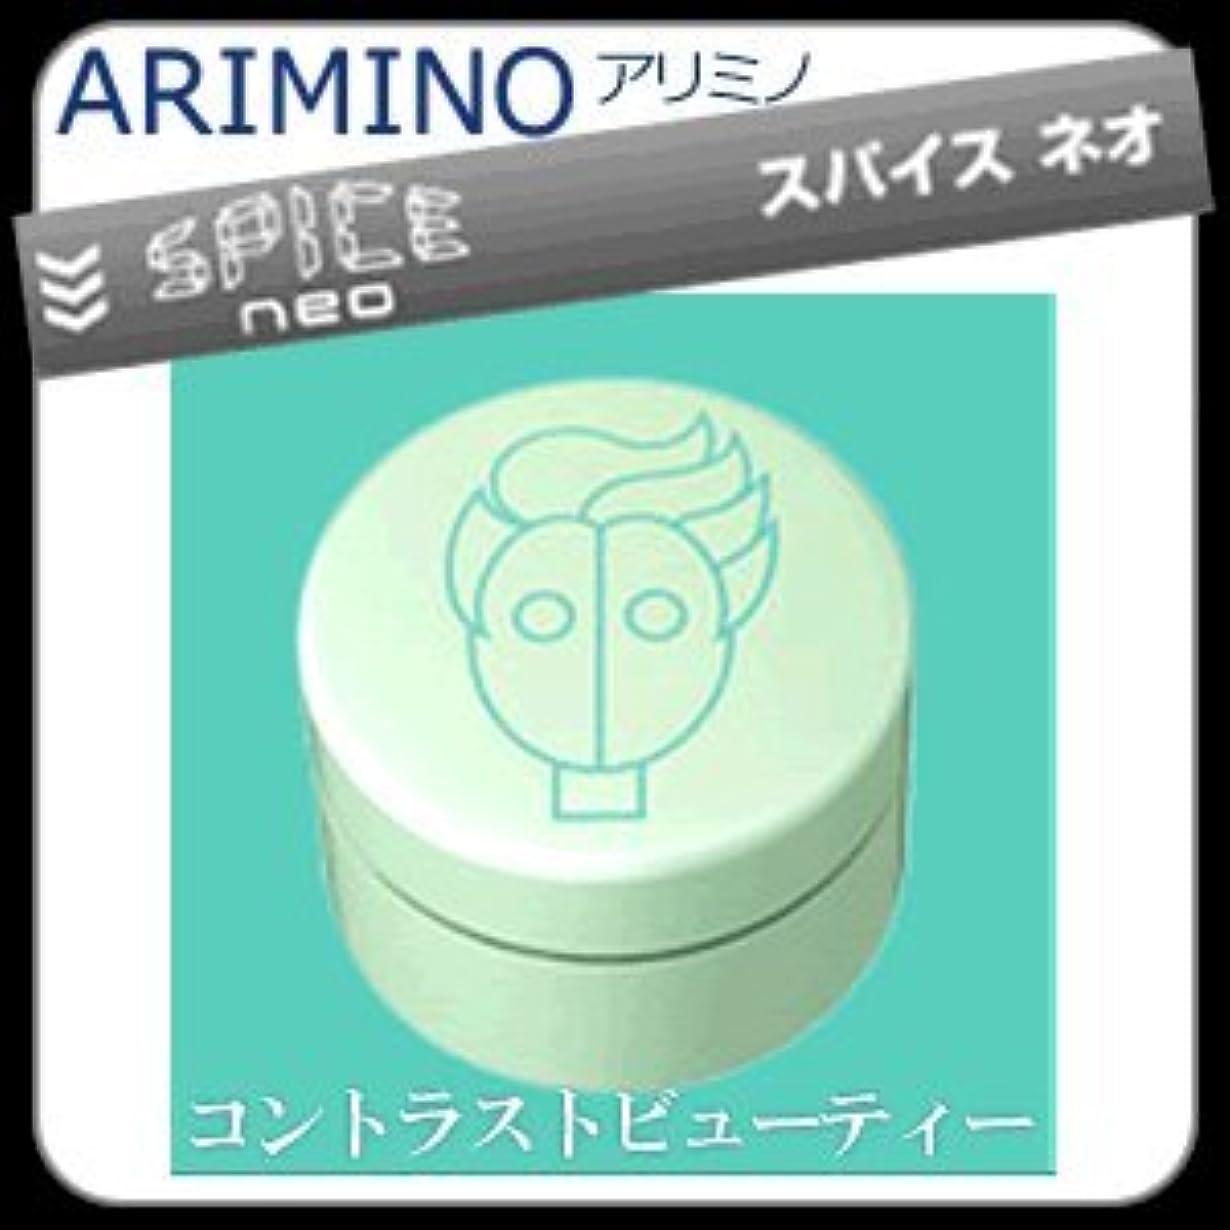 形状ブレス独裁者【X2個セット】 アリミノ スパイスネオ GREASE-WAX グリースワックス 100g ARIMINO SPICE neo